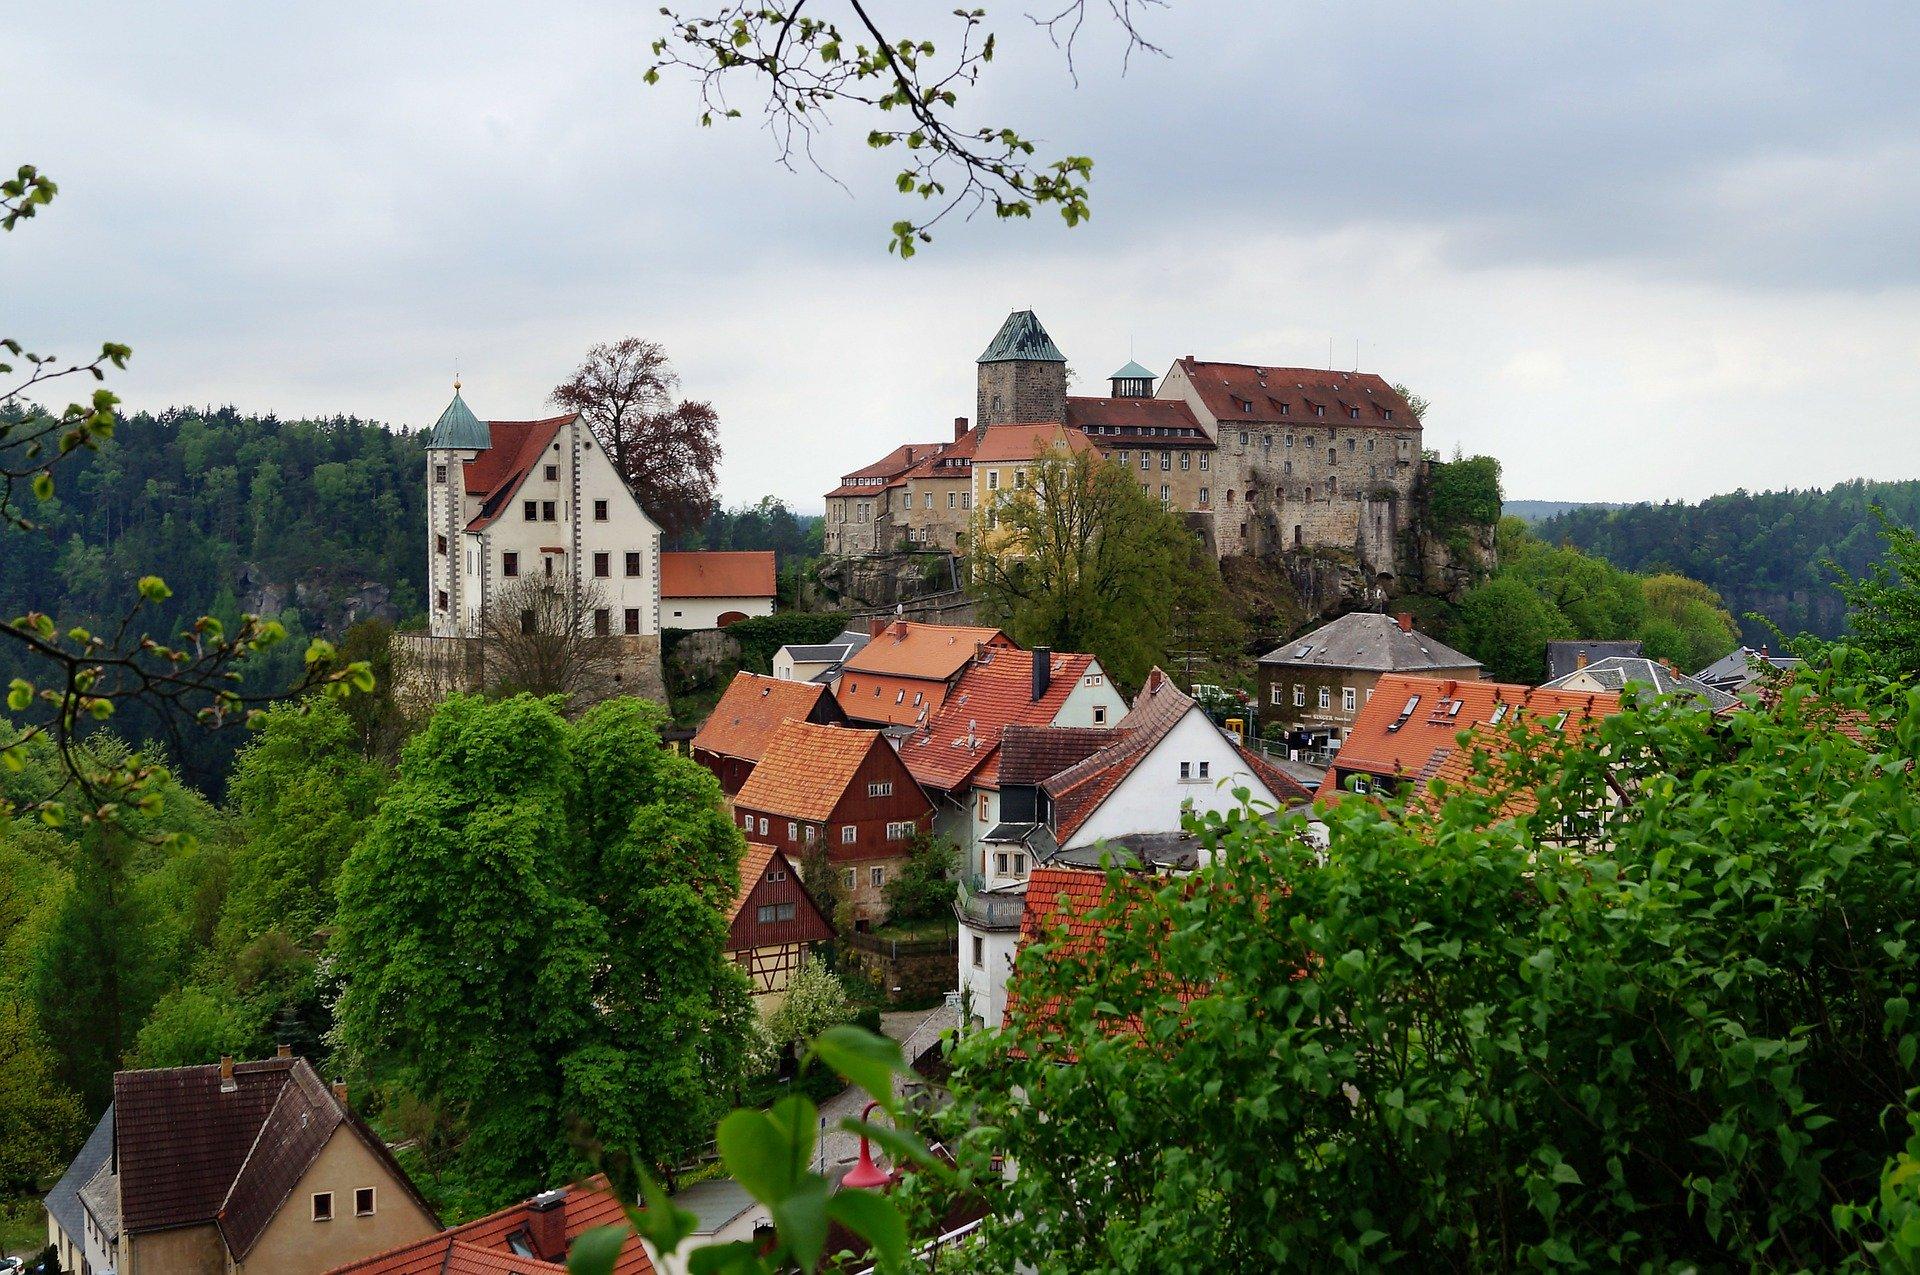 castle-hohnstein-110247_1920